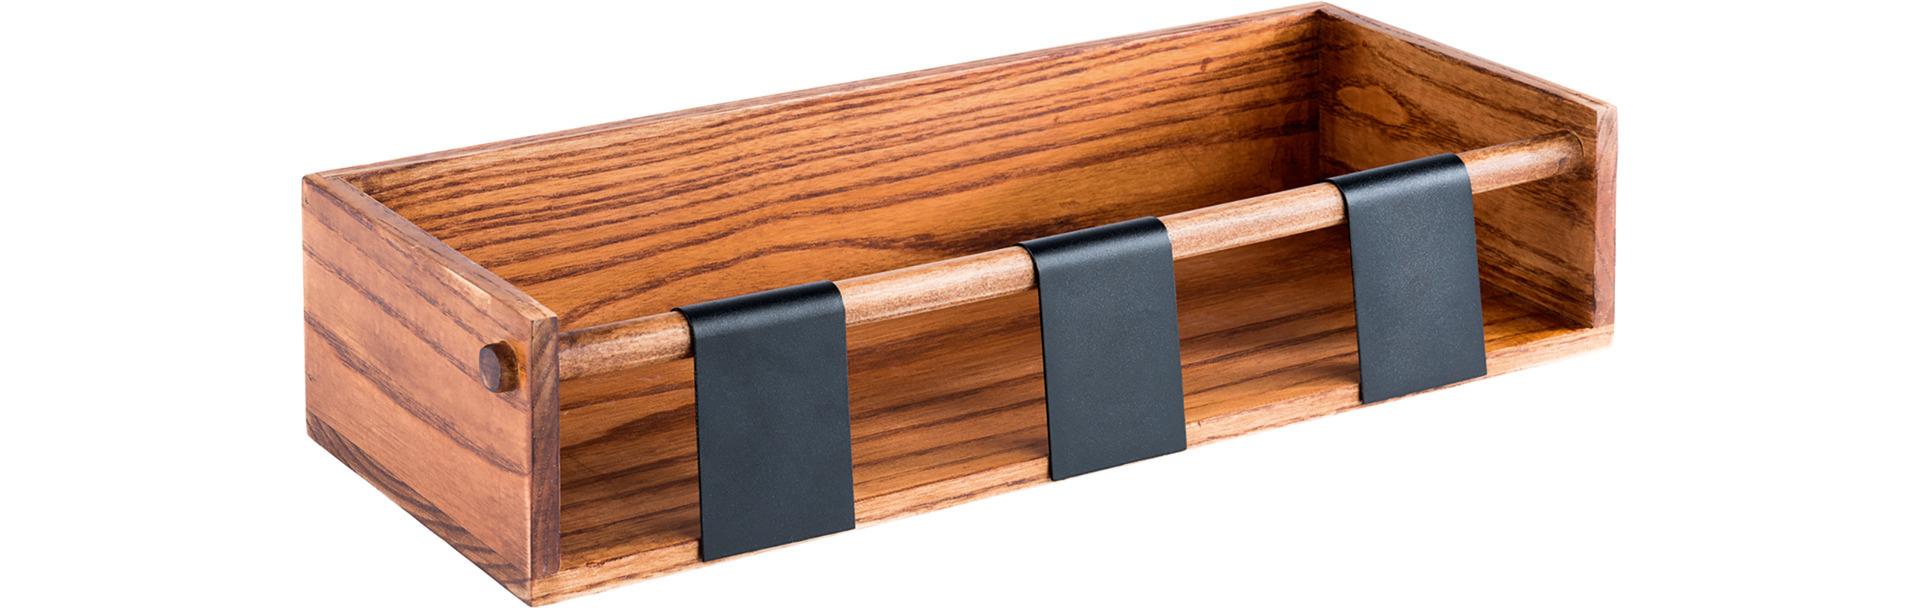 Dressingtopf-Display /-Station 400 x 160 x 90 mm + 3 Beschriftungsschilder